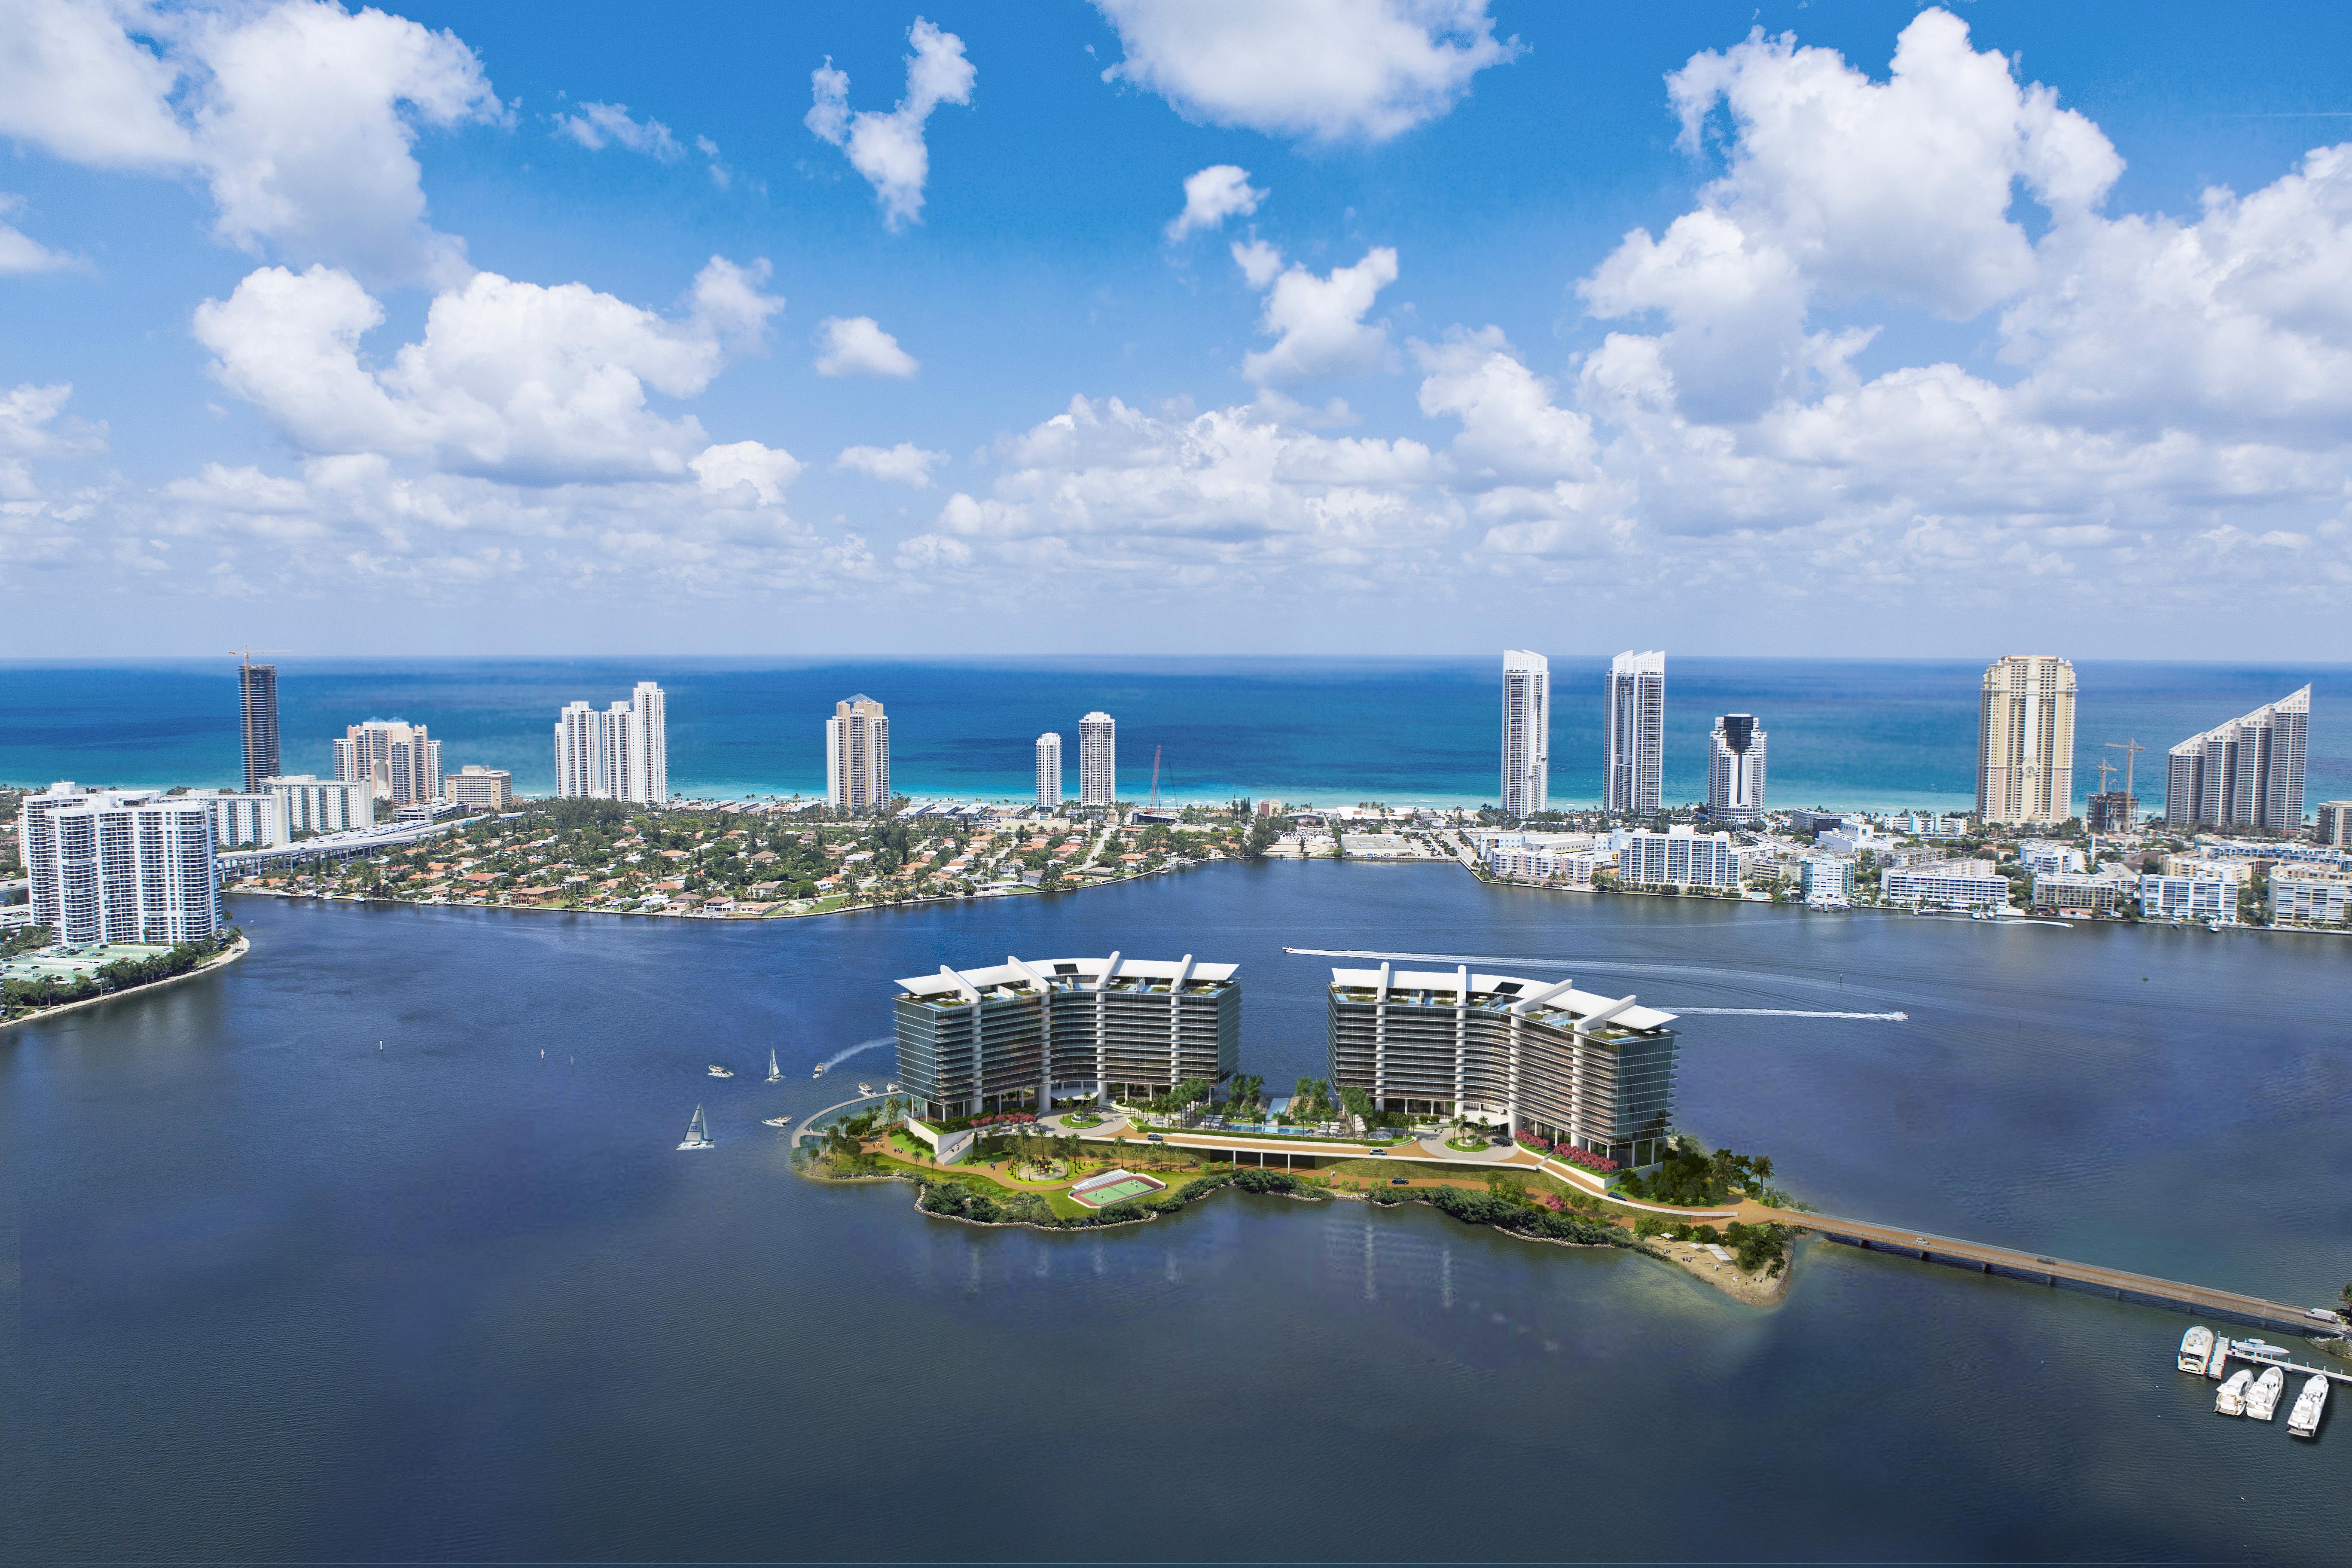 Prive Island Aventura Miami